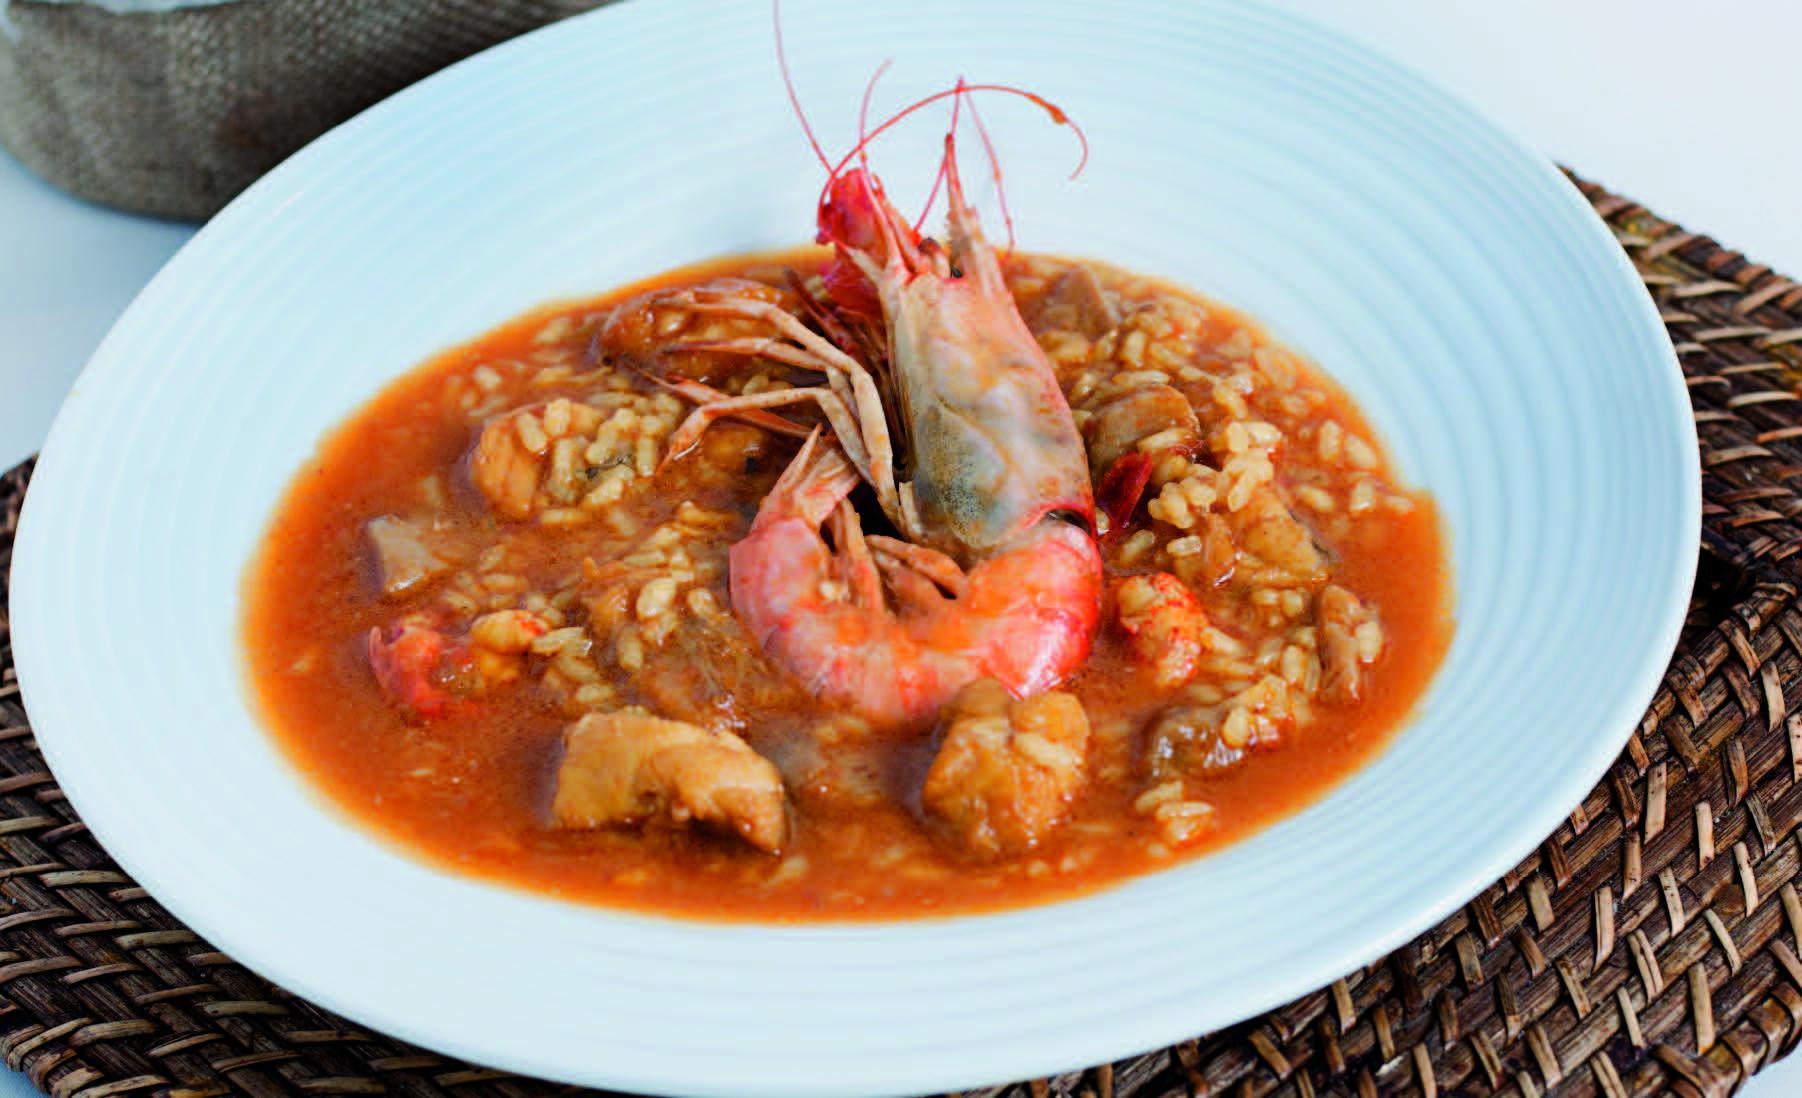 Restaurante L'Alter ruta del arroz sueca arroceando